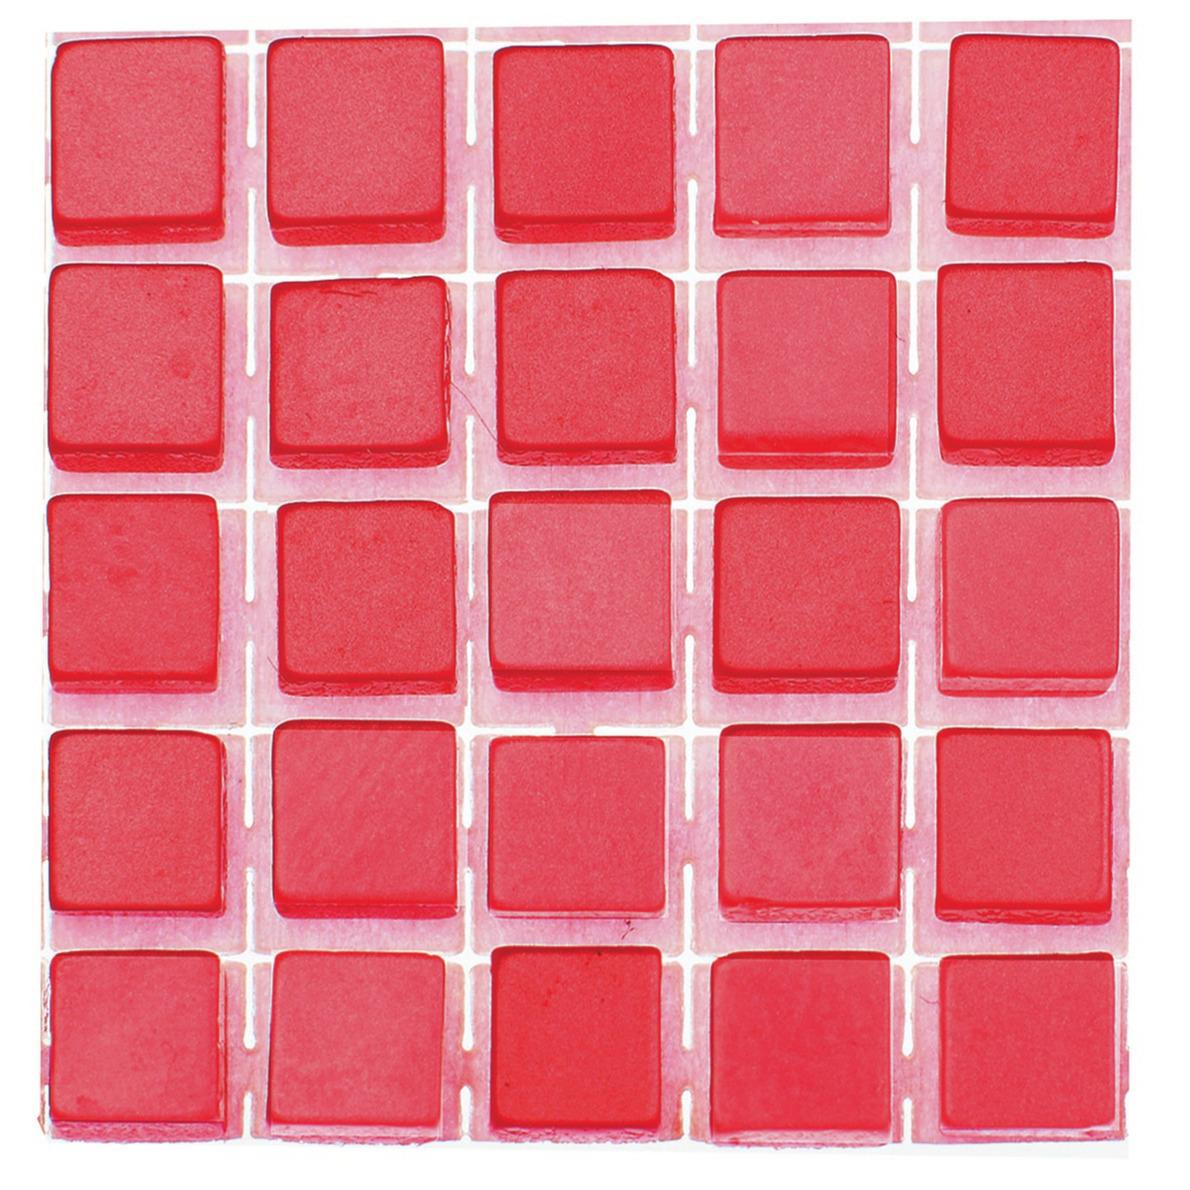 119x stuks mozaieken maken steentjes-tegels kleur rood 5 x 5 x 2 mm